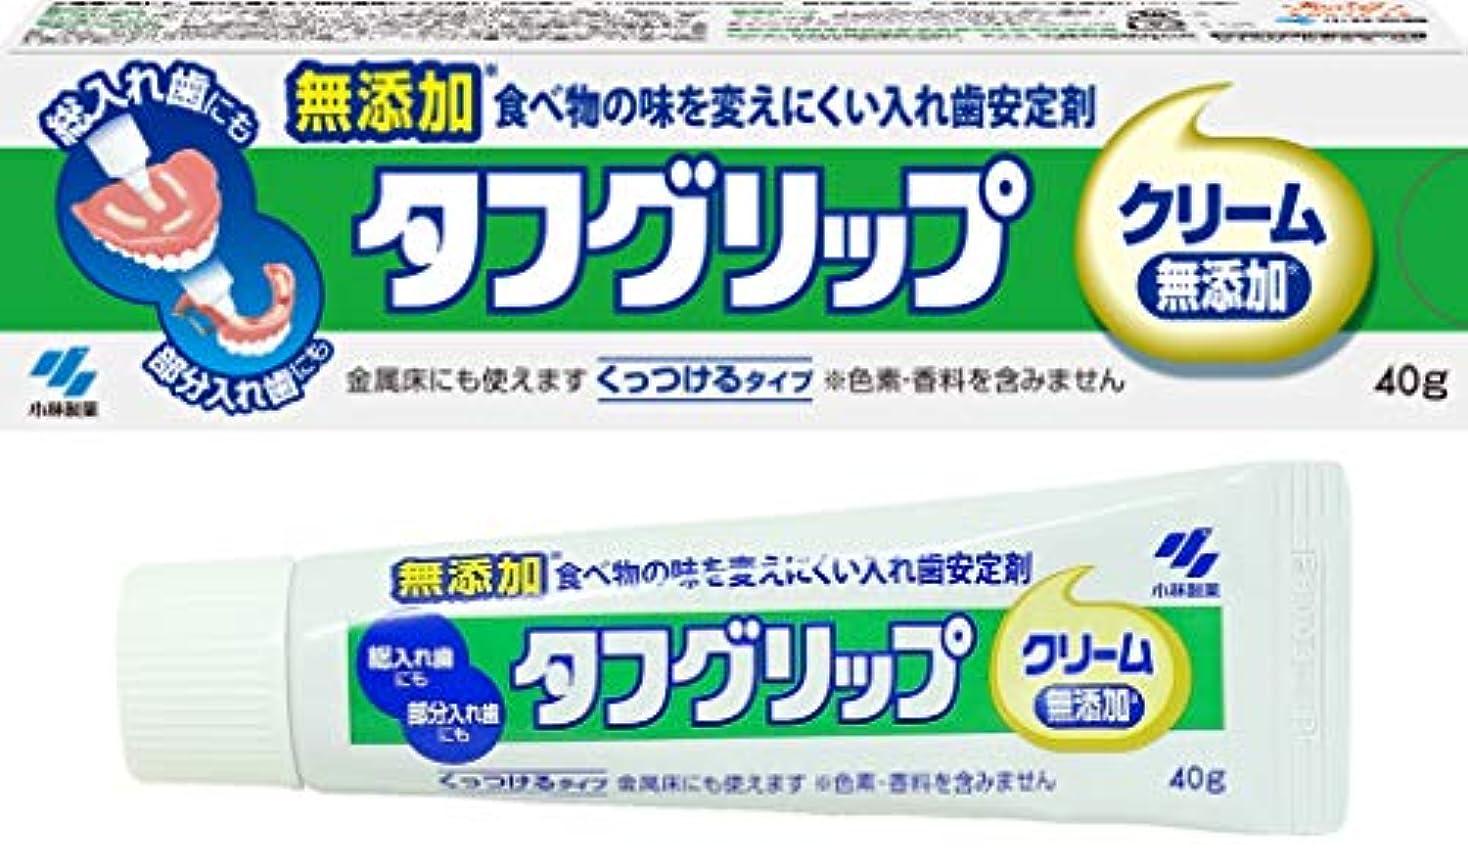 マネージャーアレルギー自我タフグリップクリーム 入れ歯安定剤(総入れ歯?部分入れ歯) 無添加 40g